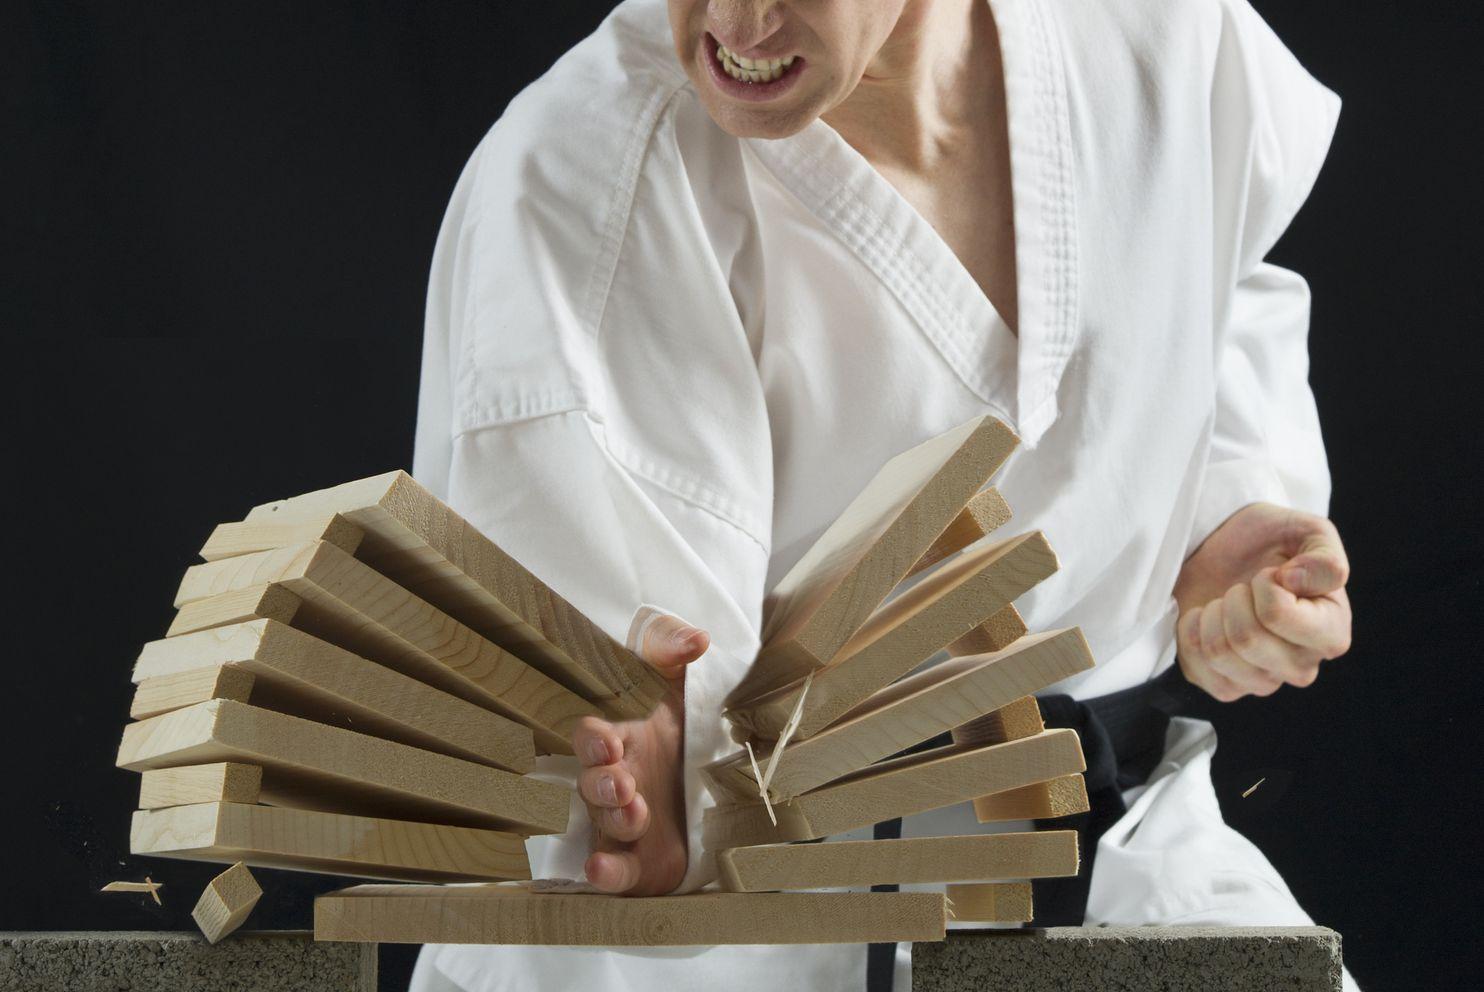 ¿Quién golpea más fuerte, un karateka o un boxeador?